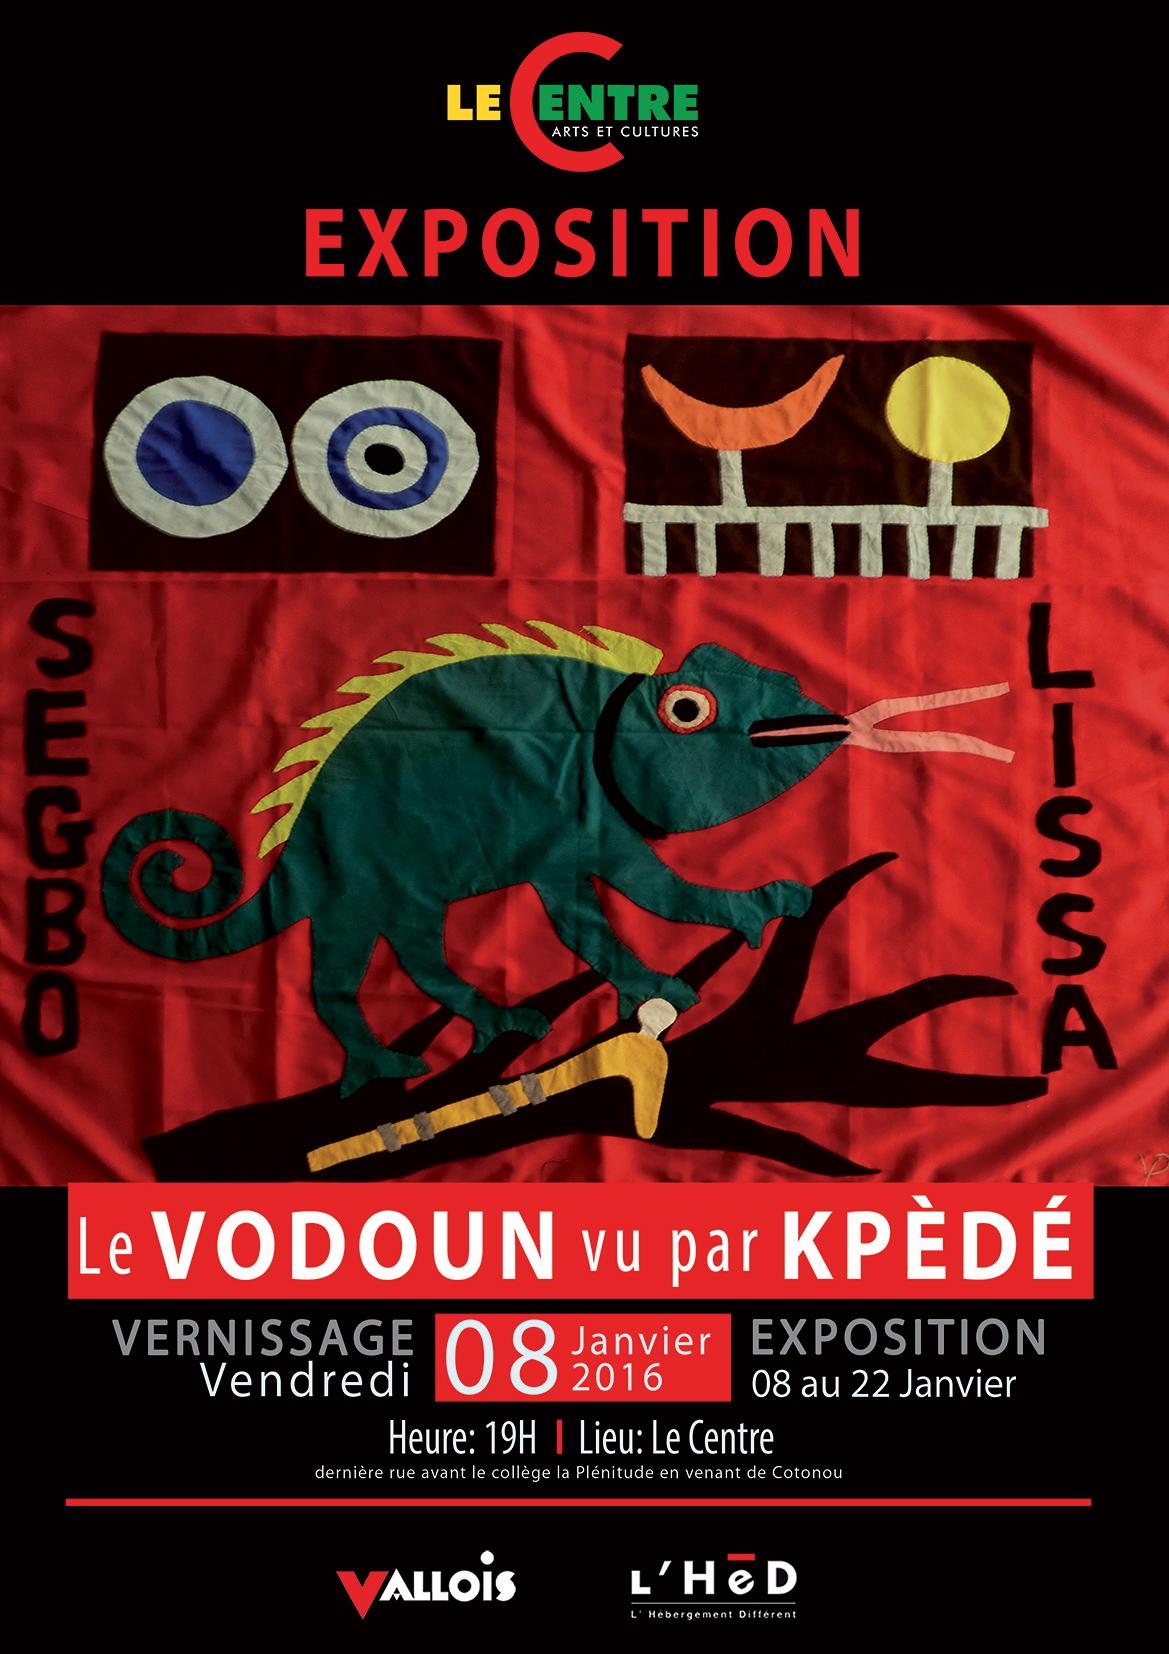 Le Vodoun vu par Kpèdé